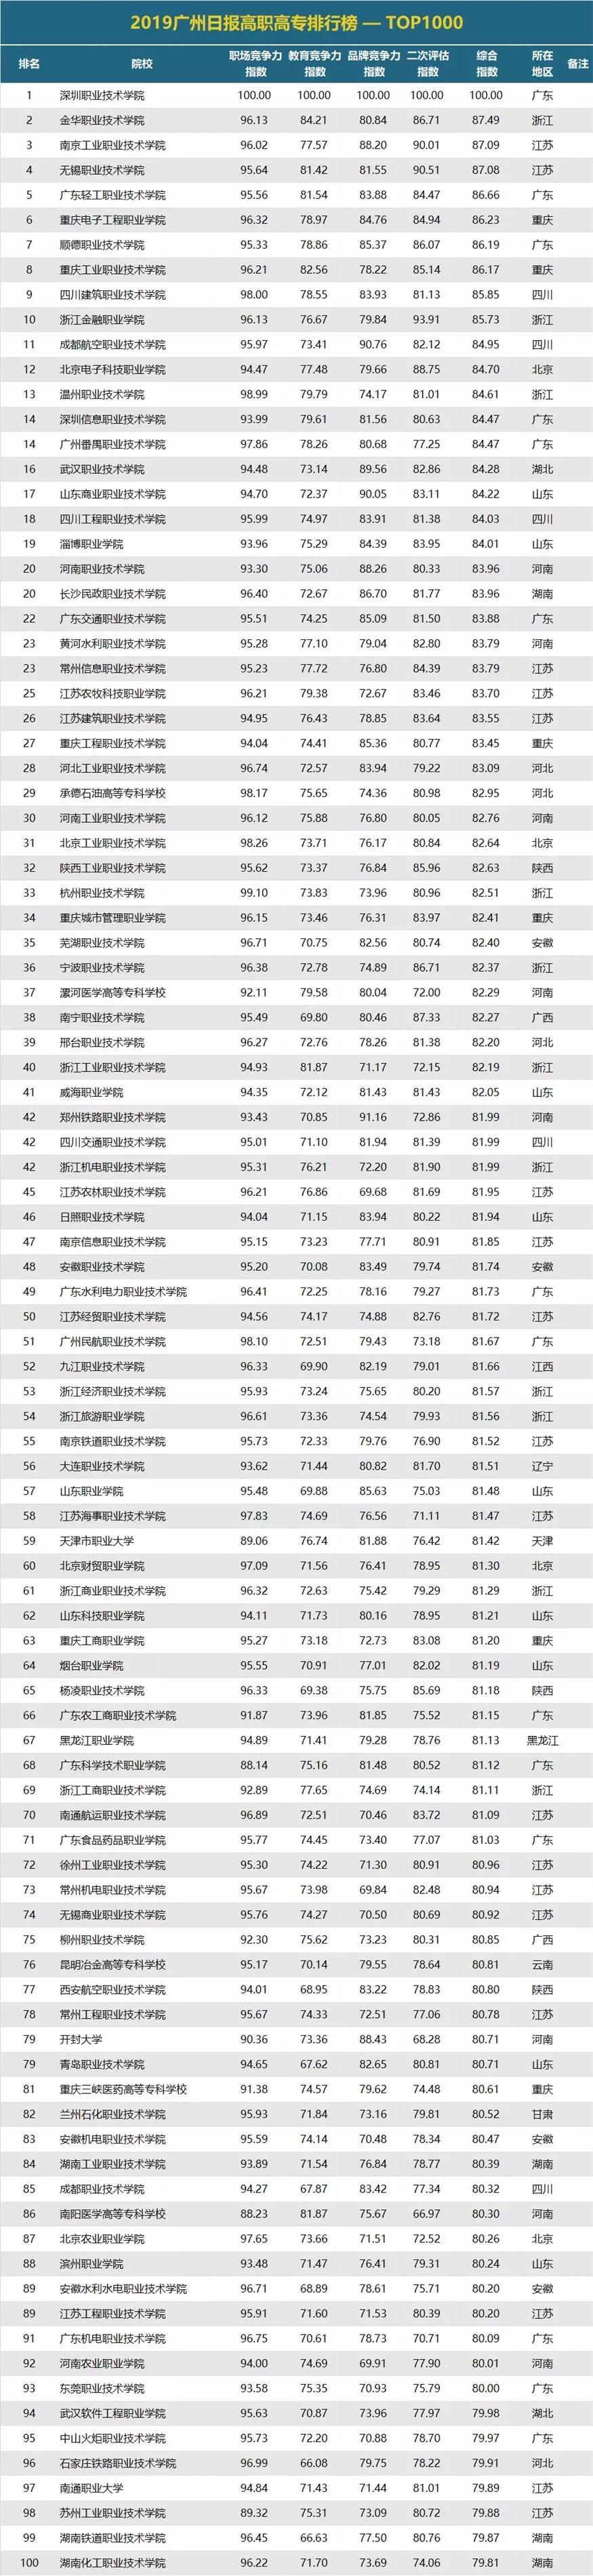 2019大学排行50强_中国省属大学排名100强揭晓西北大学位列第一